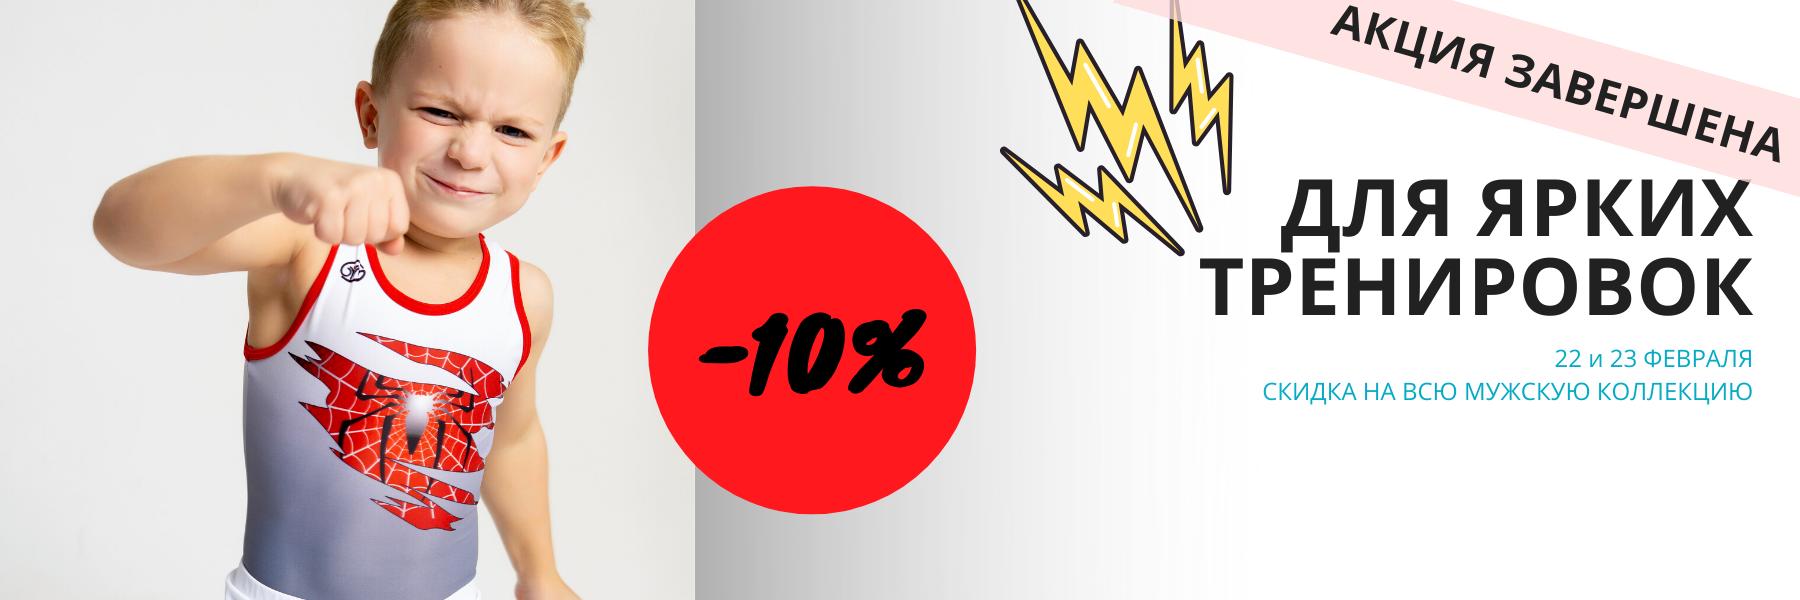 СКИДКА 10% НА ВСЮ МУЖСКУЮ КОЛЛЕКЦИЮ